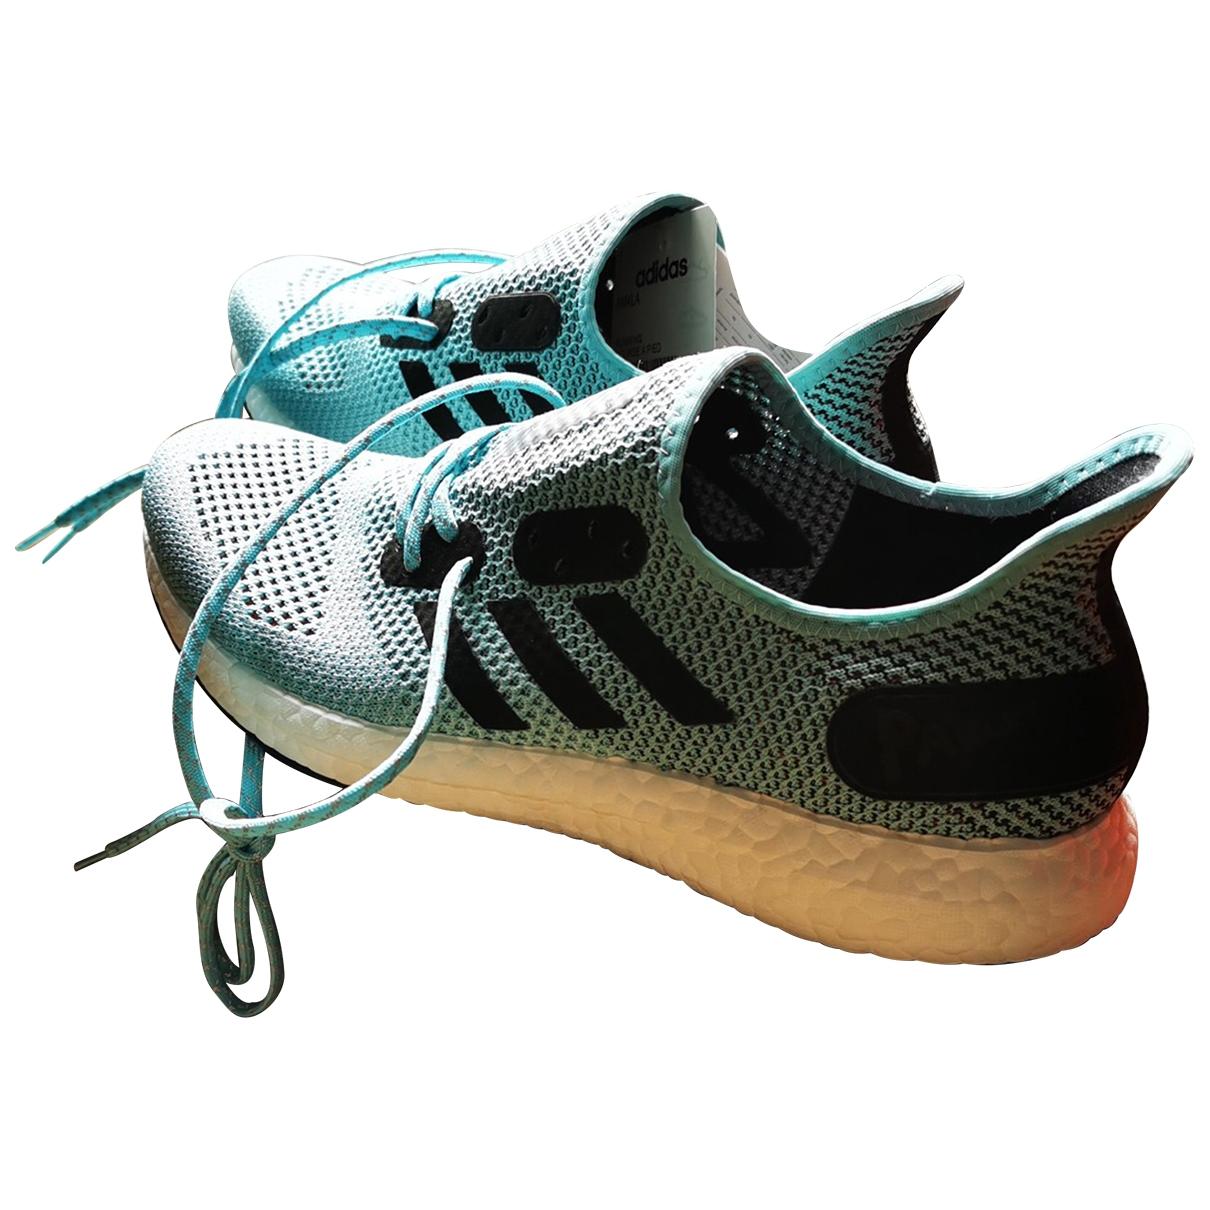 Adidas - Baskets   pour homme en toile - bleu